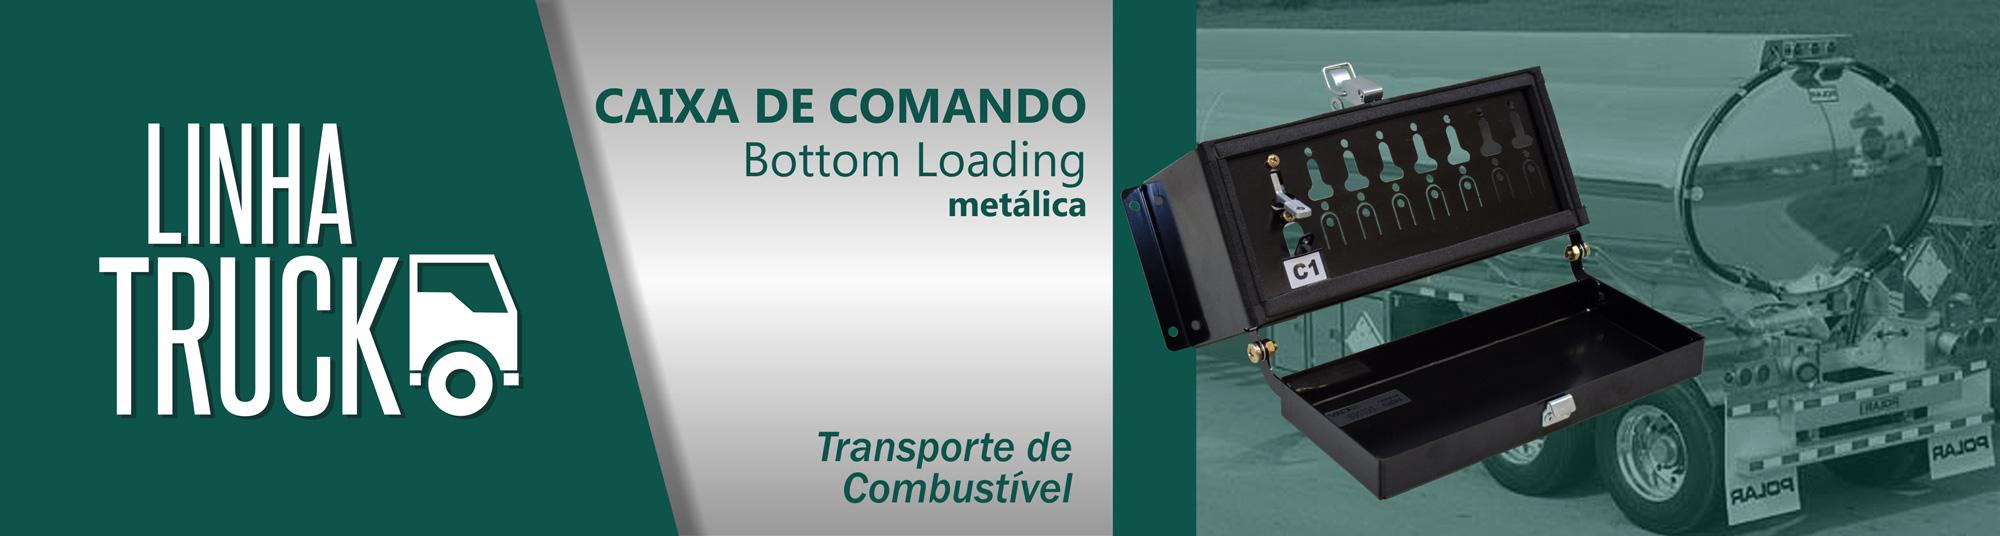 banner-Caixa-de-Comando-Bottom-Loading-Metálica